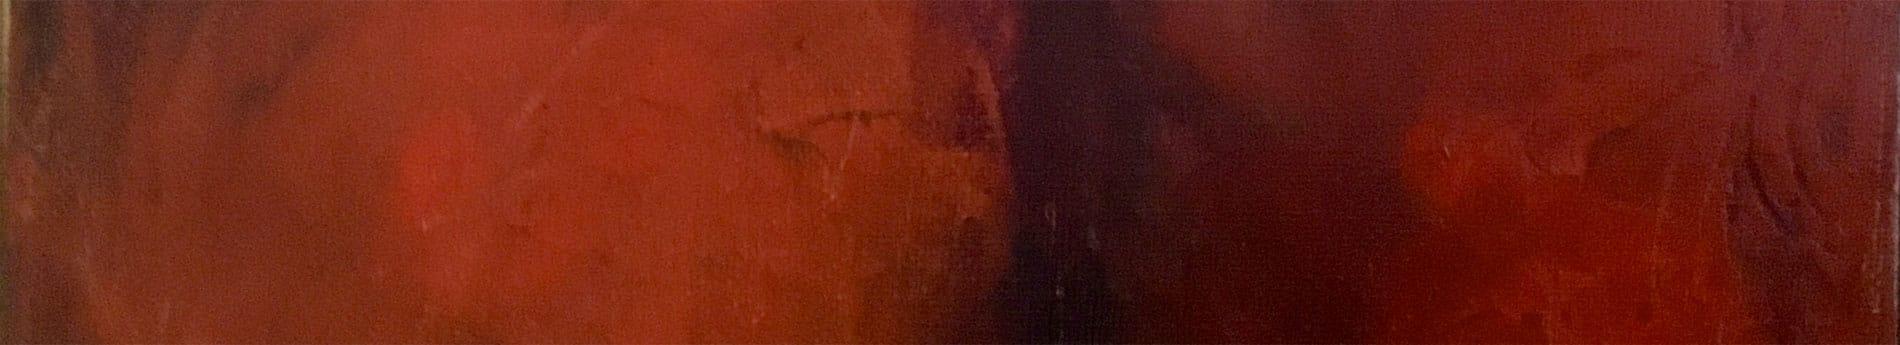 Degez Kerjean Avocats : propriété intellectuelle, droit du numérique, RGPD, contrats commerciaux et distribution à Angers, Nantes, Rennes, Tours, Bordeaux, Paris - Actualités